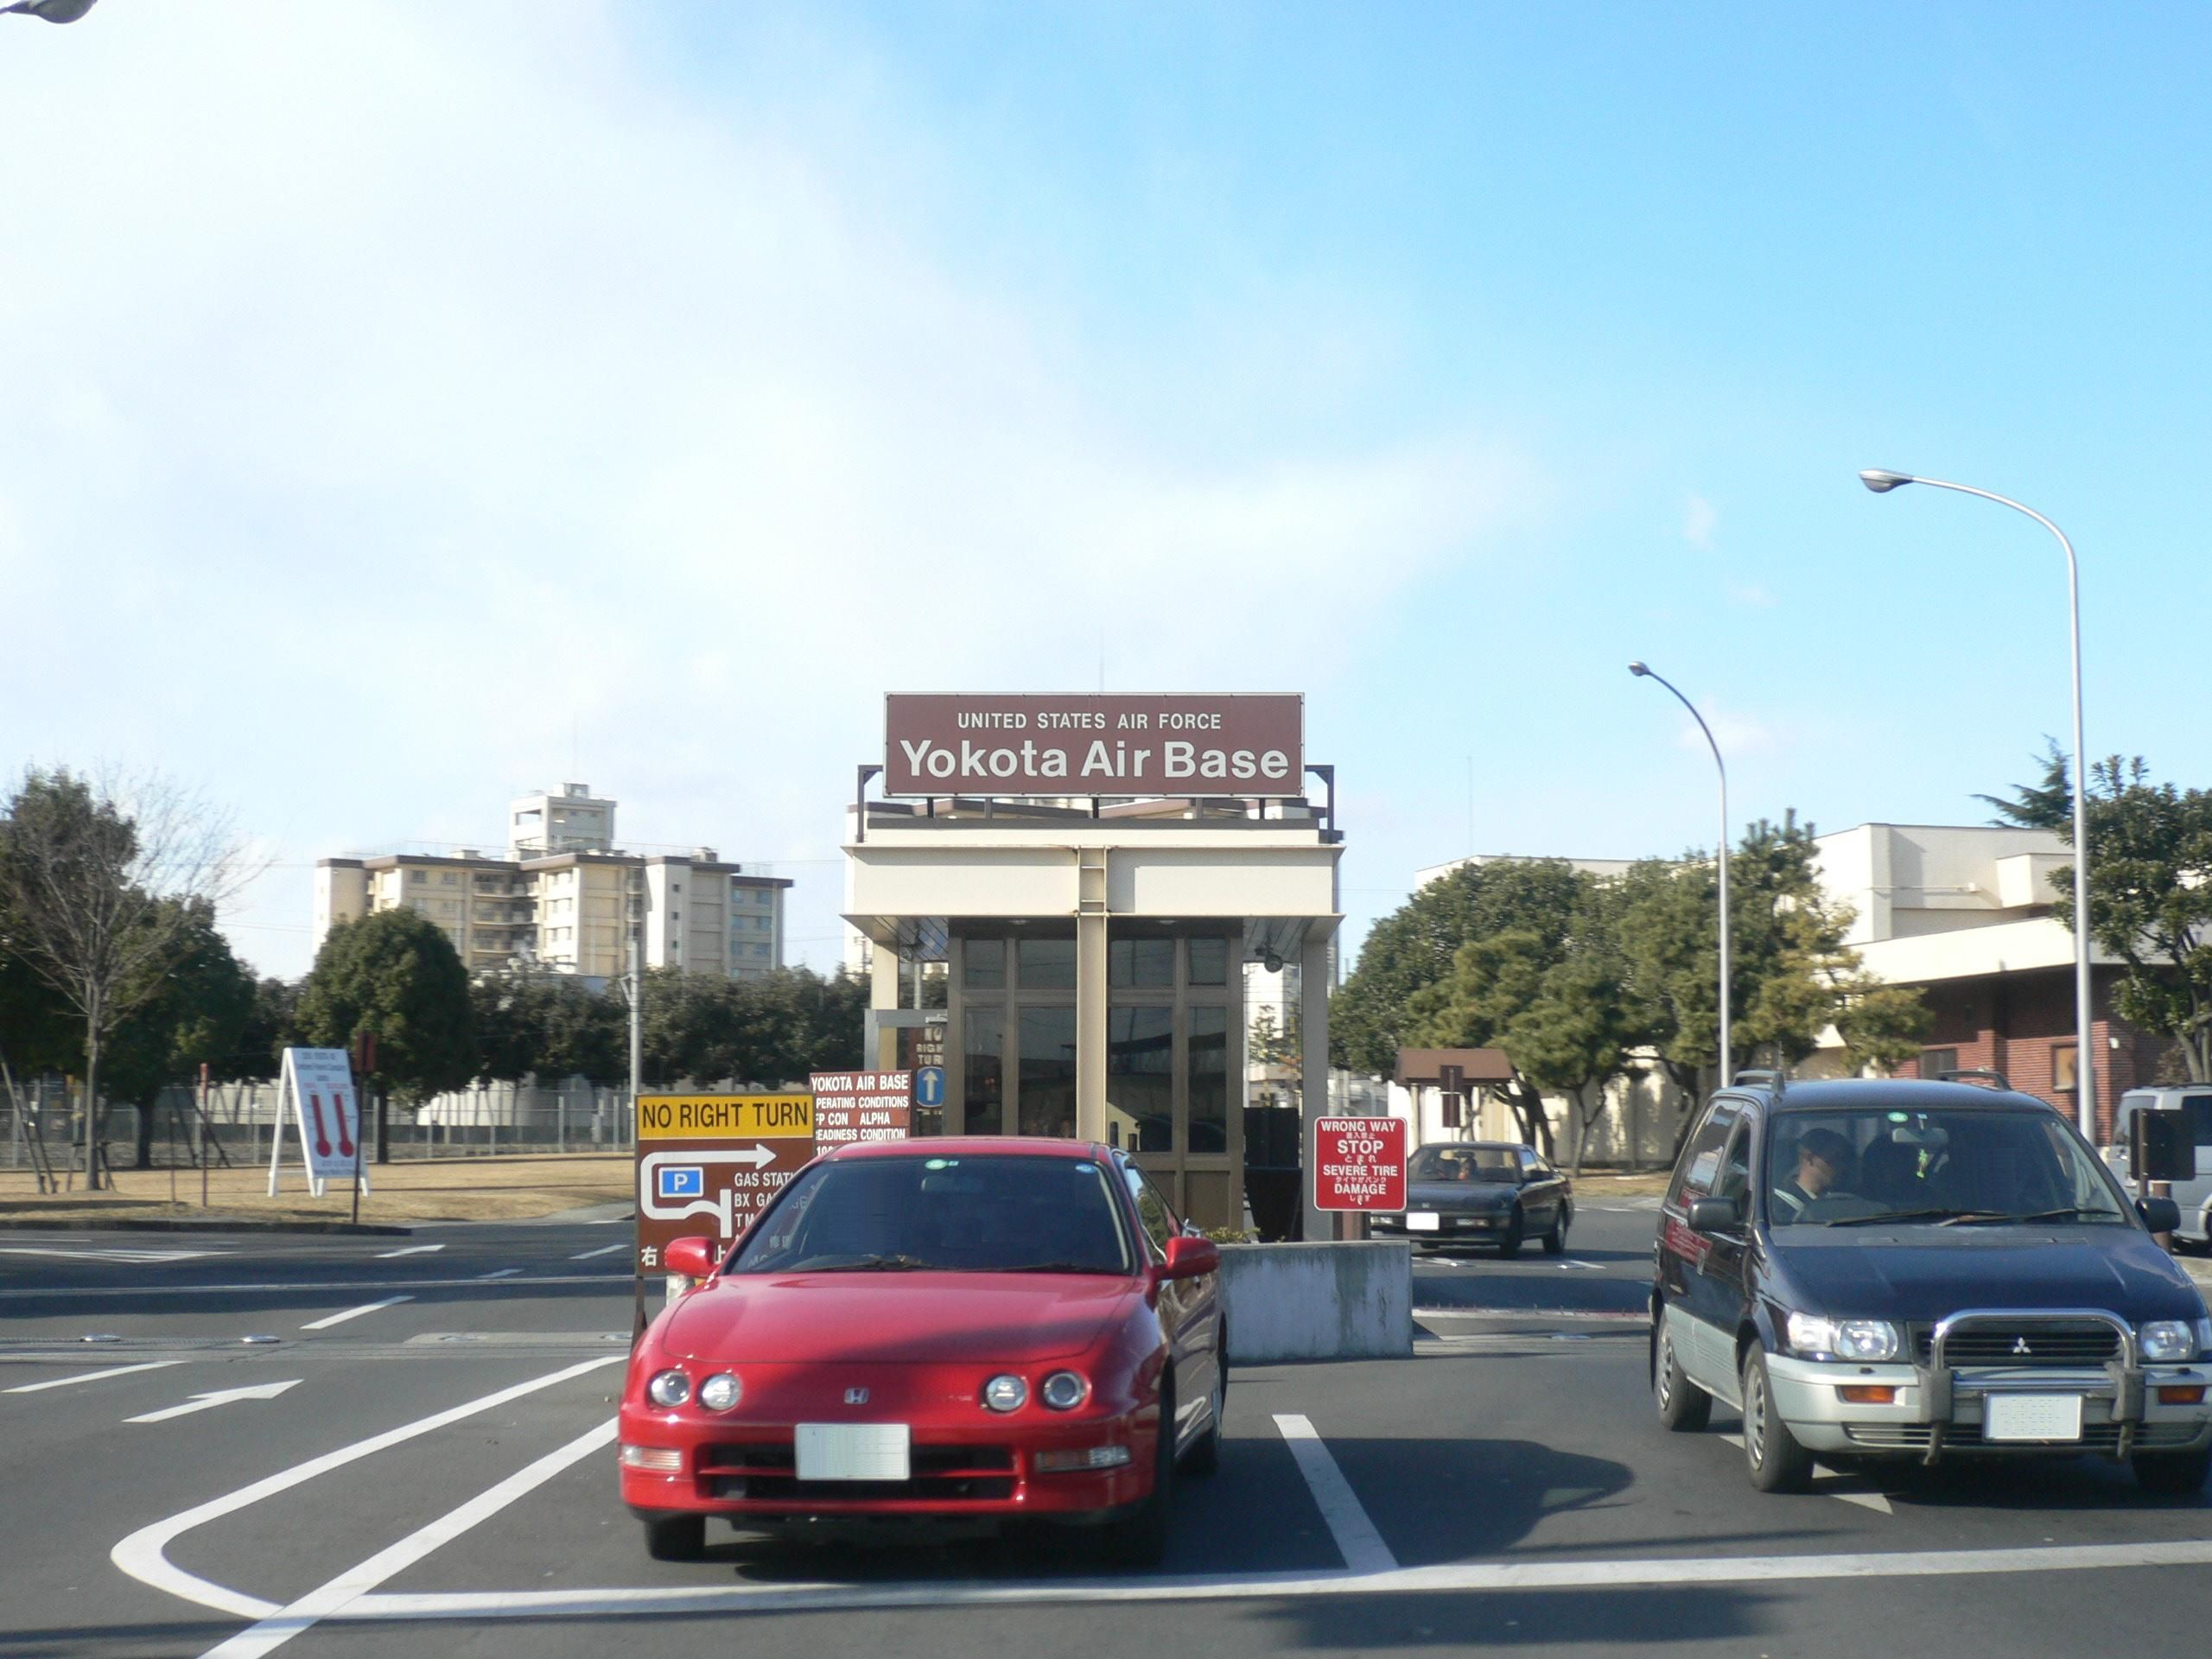 West gate to housing area of Yokota AB. United states